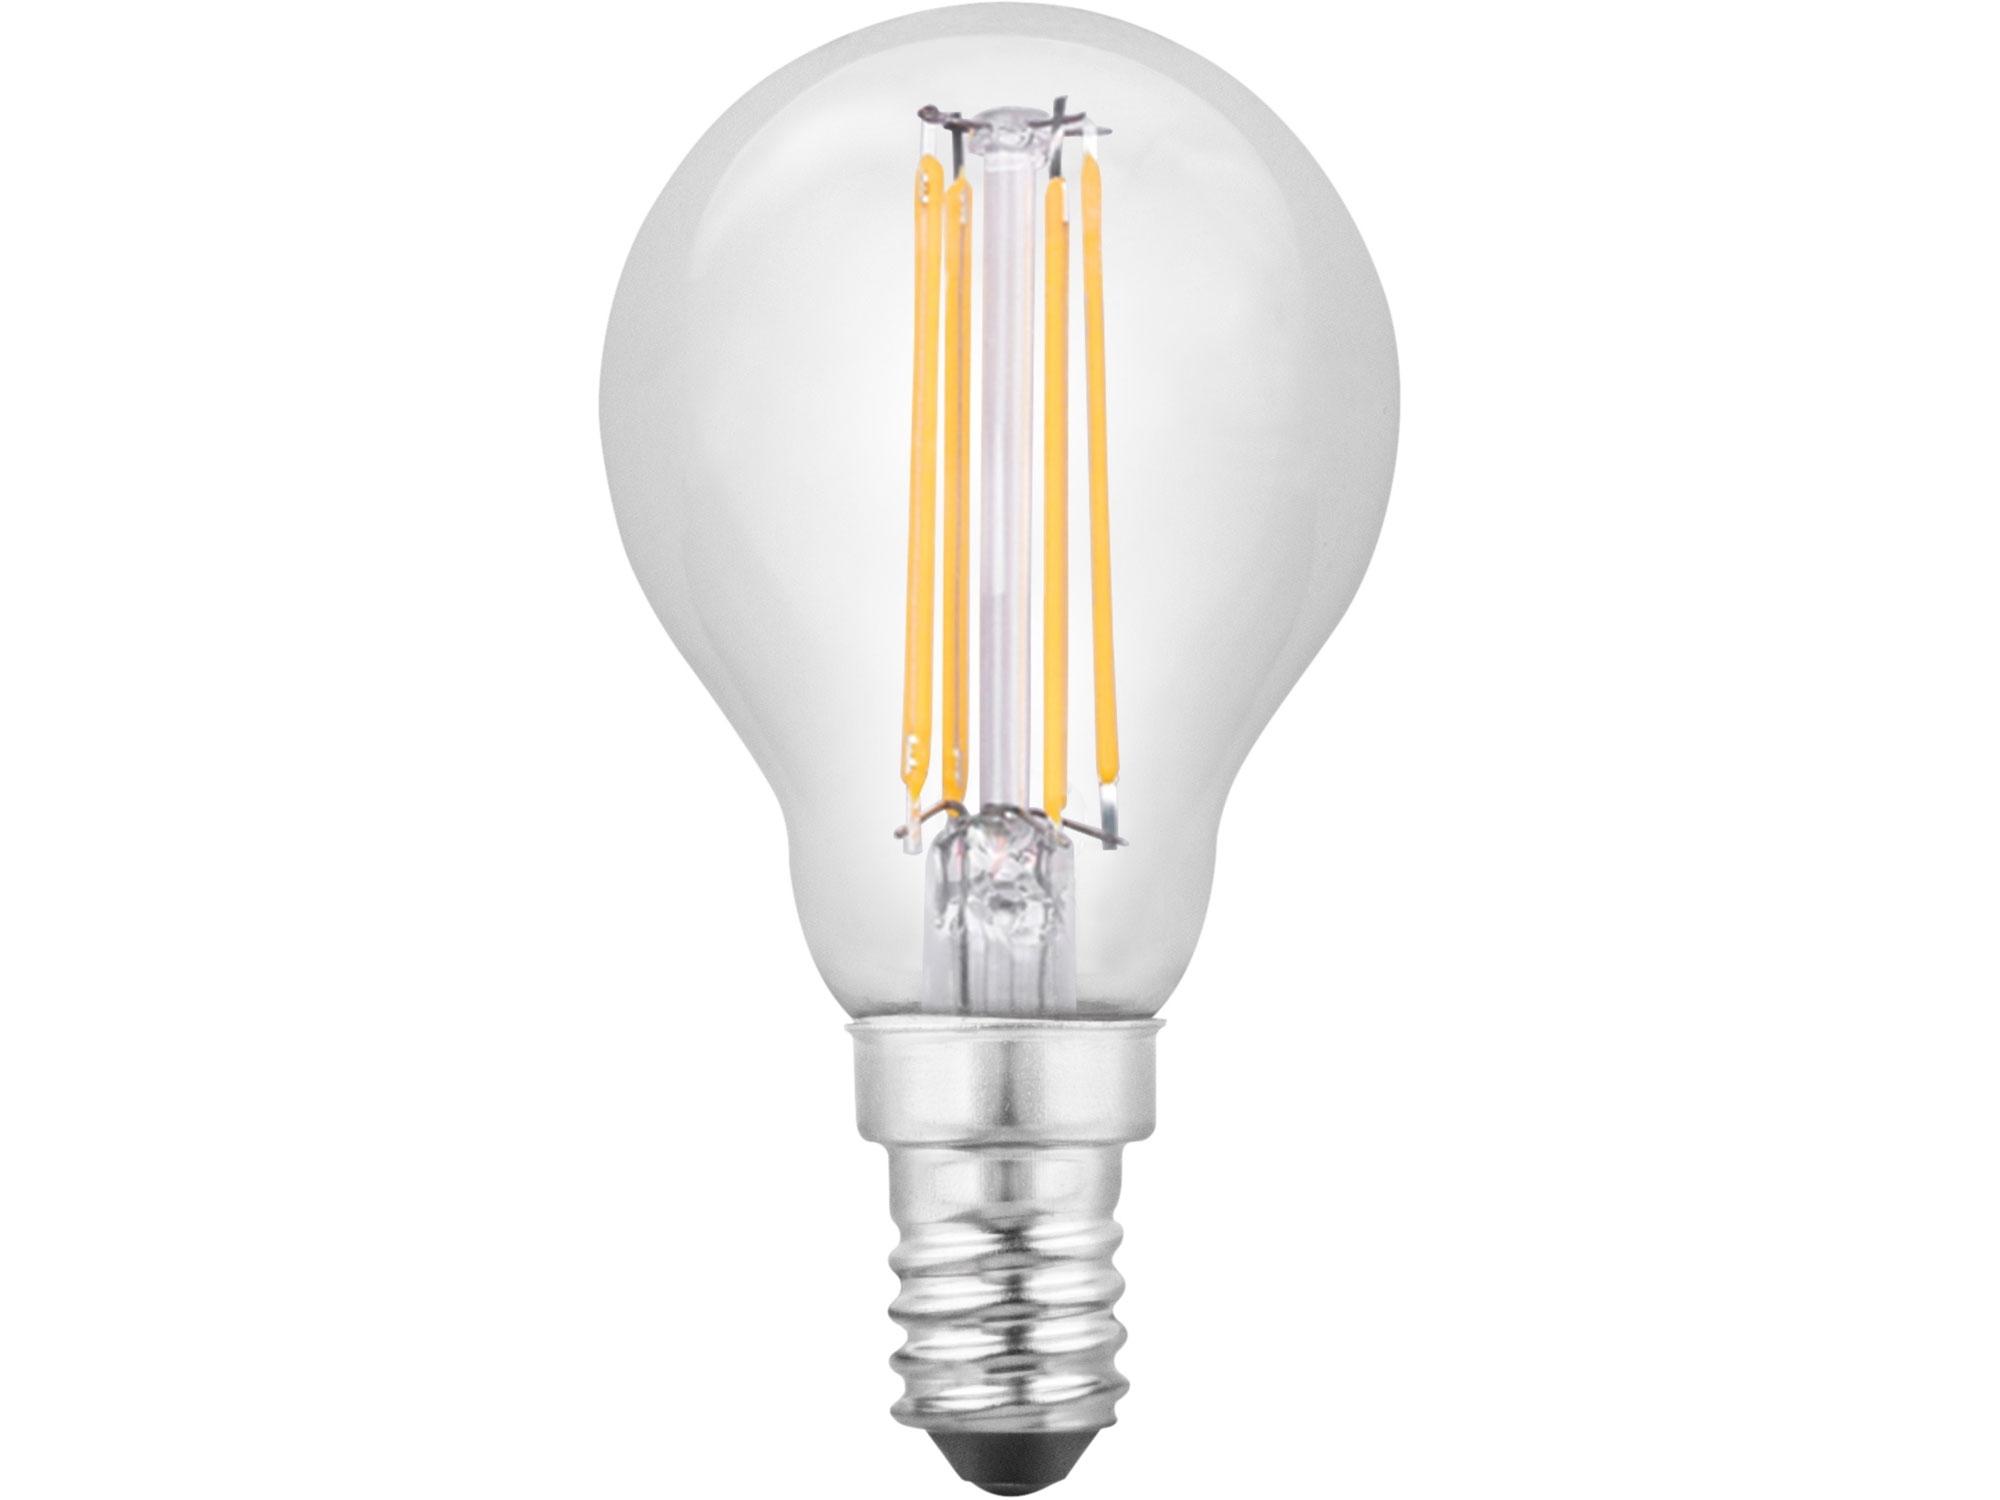 žárovka LED 360°, 400lm, 4W, E14, teplá bílá